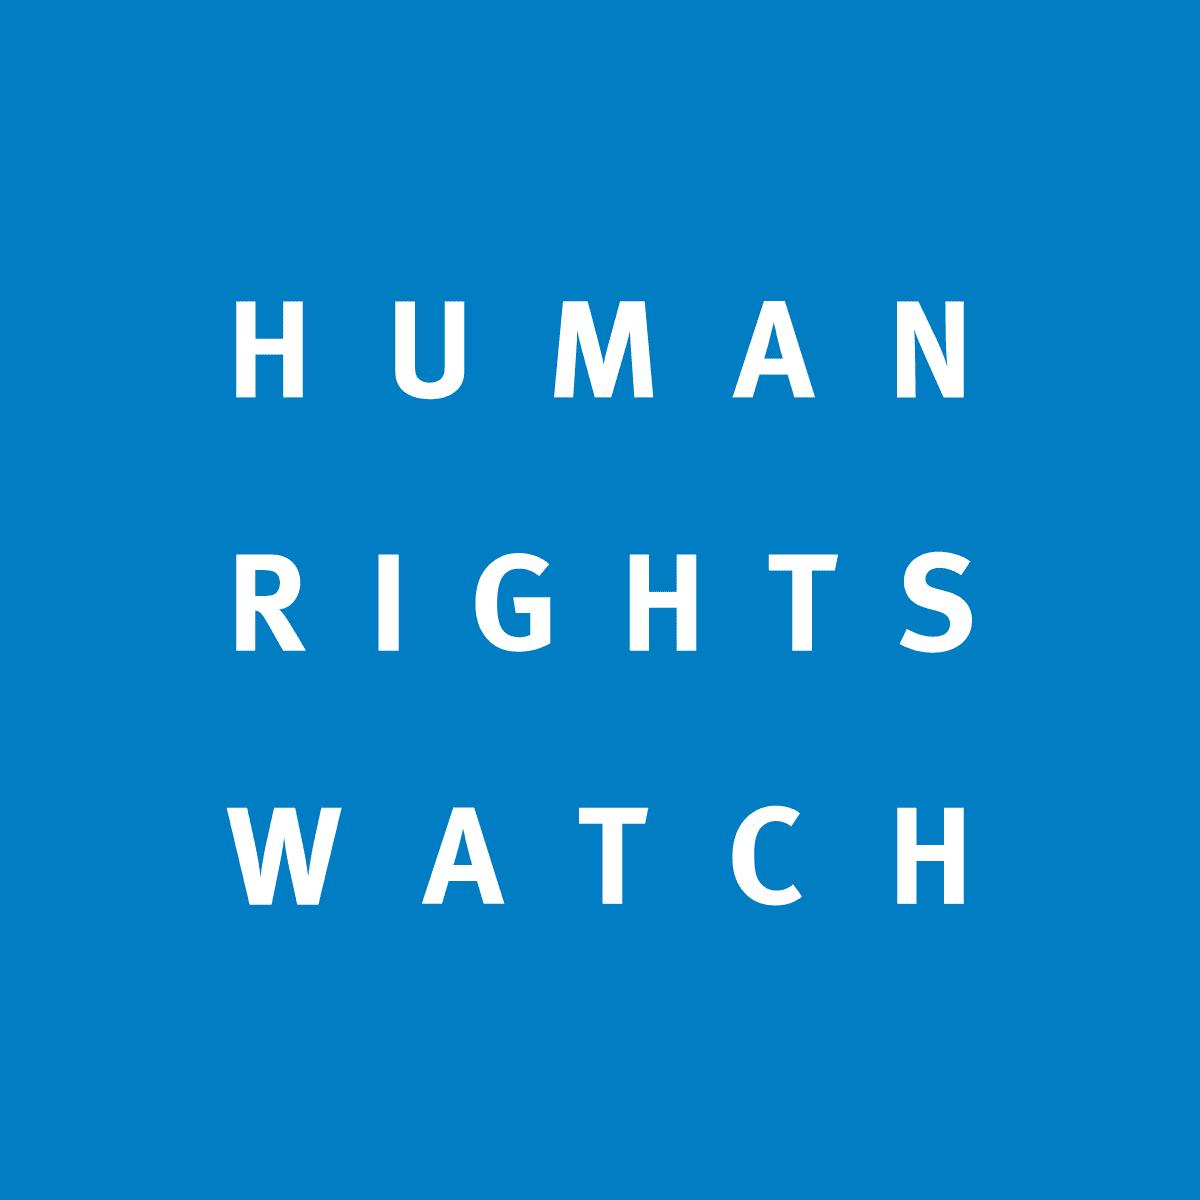 Human Rights watch oo eedeyntii ugu cusleyd u jeedisay DF Soomaaliya